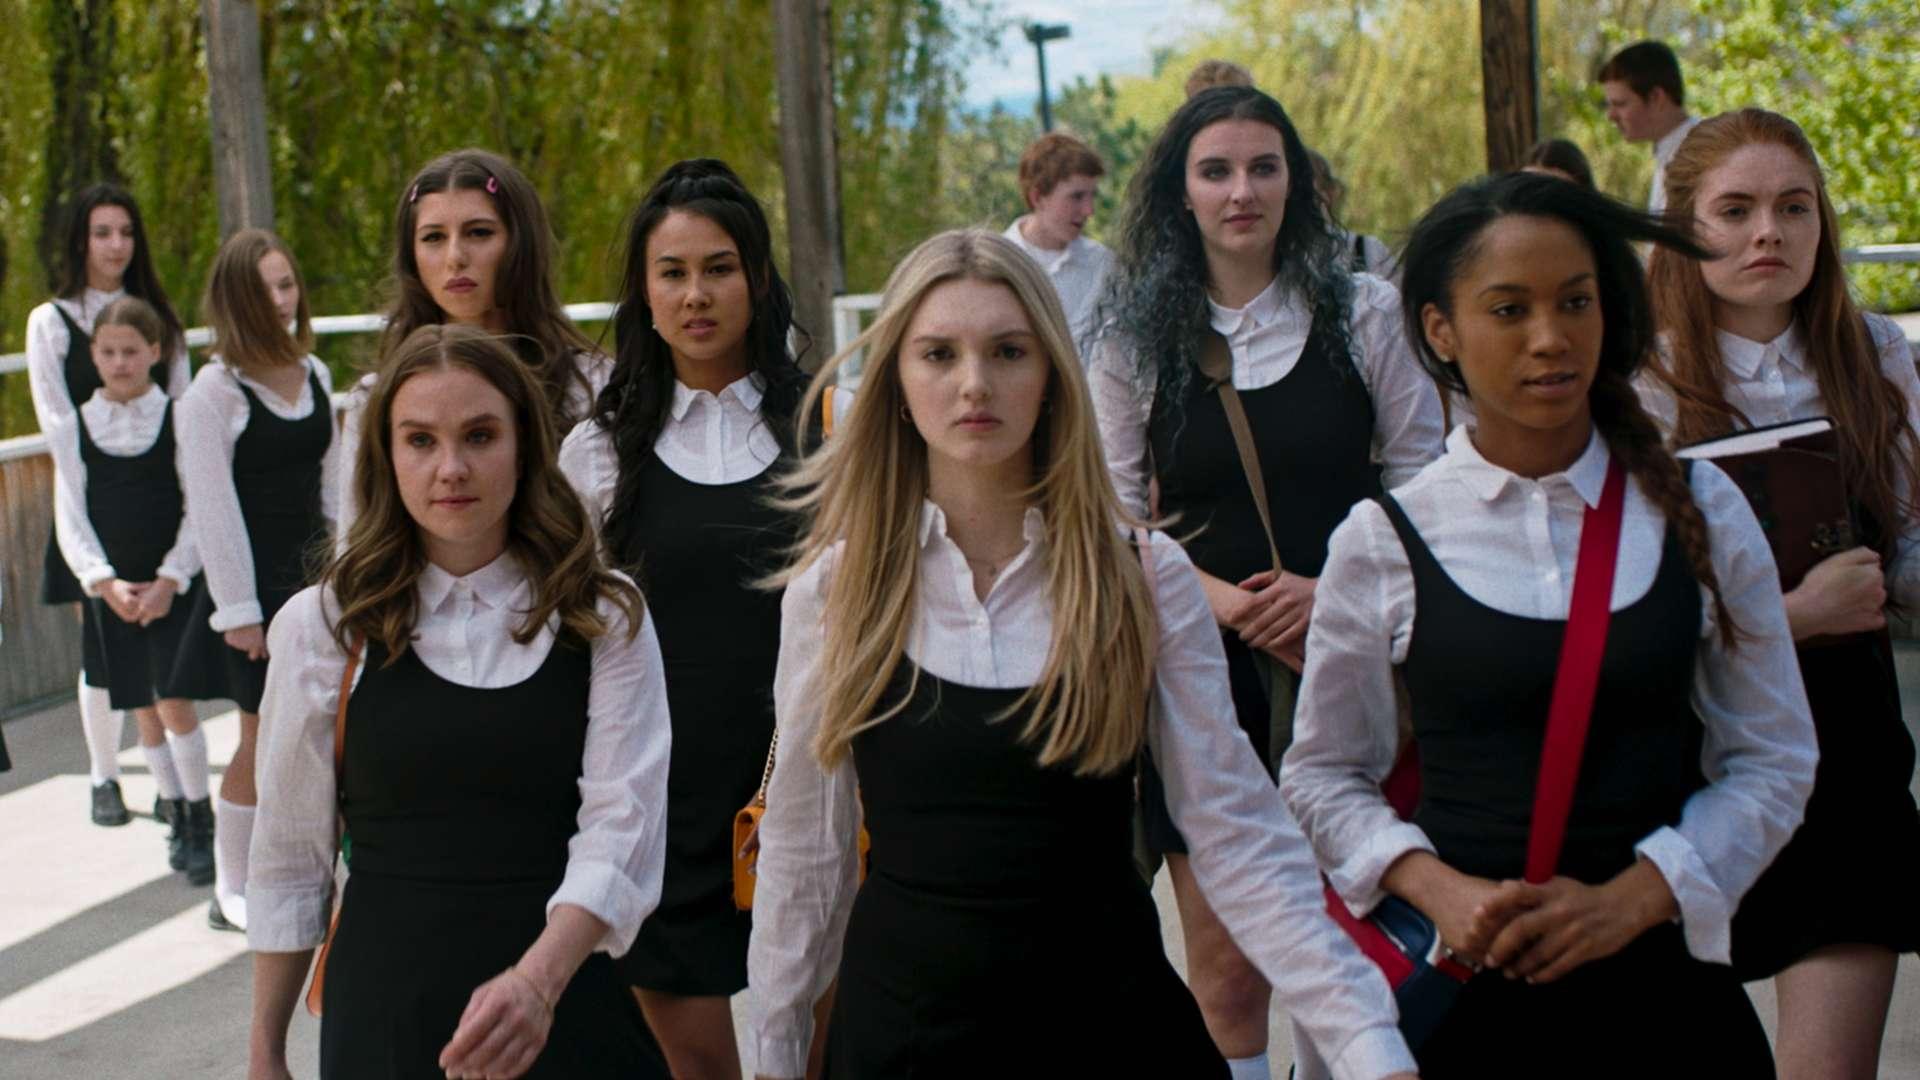 七つの大罪クラブ 生贄になった少女たち